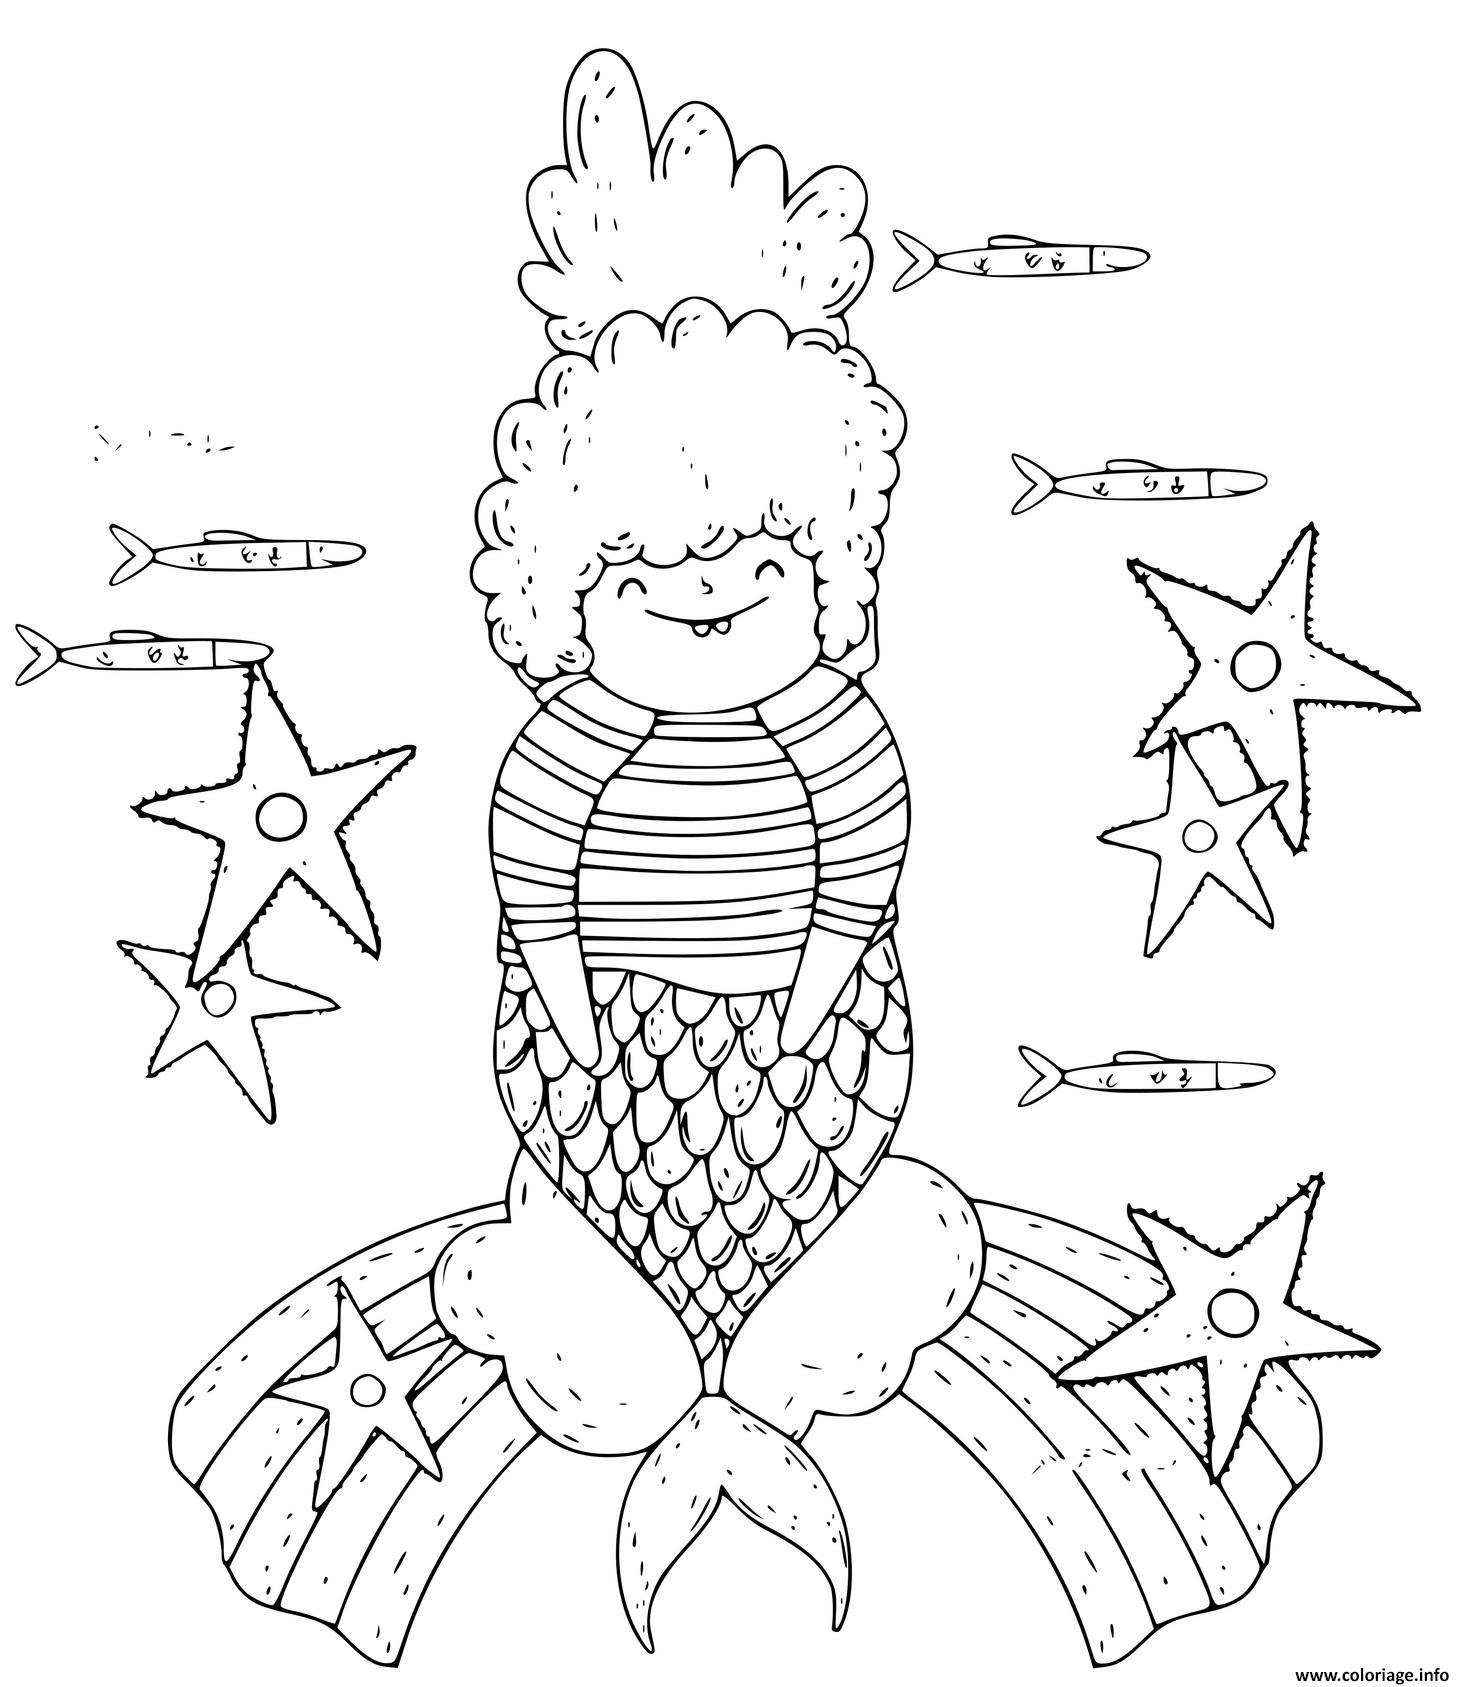 Dessin une jolie sirene avec une etoile de mer Coloriage Gratuit à Imprimer